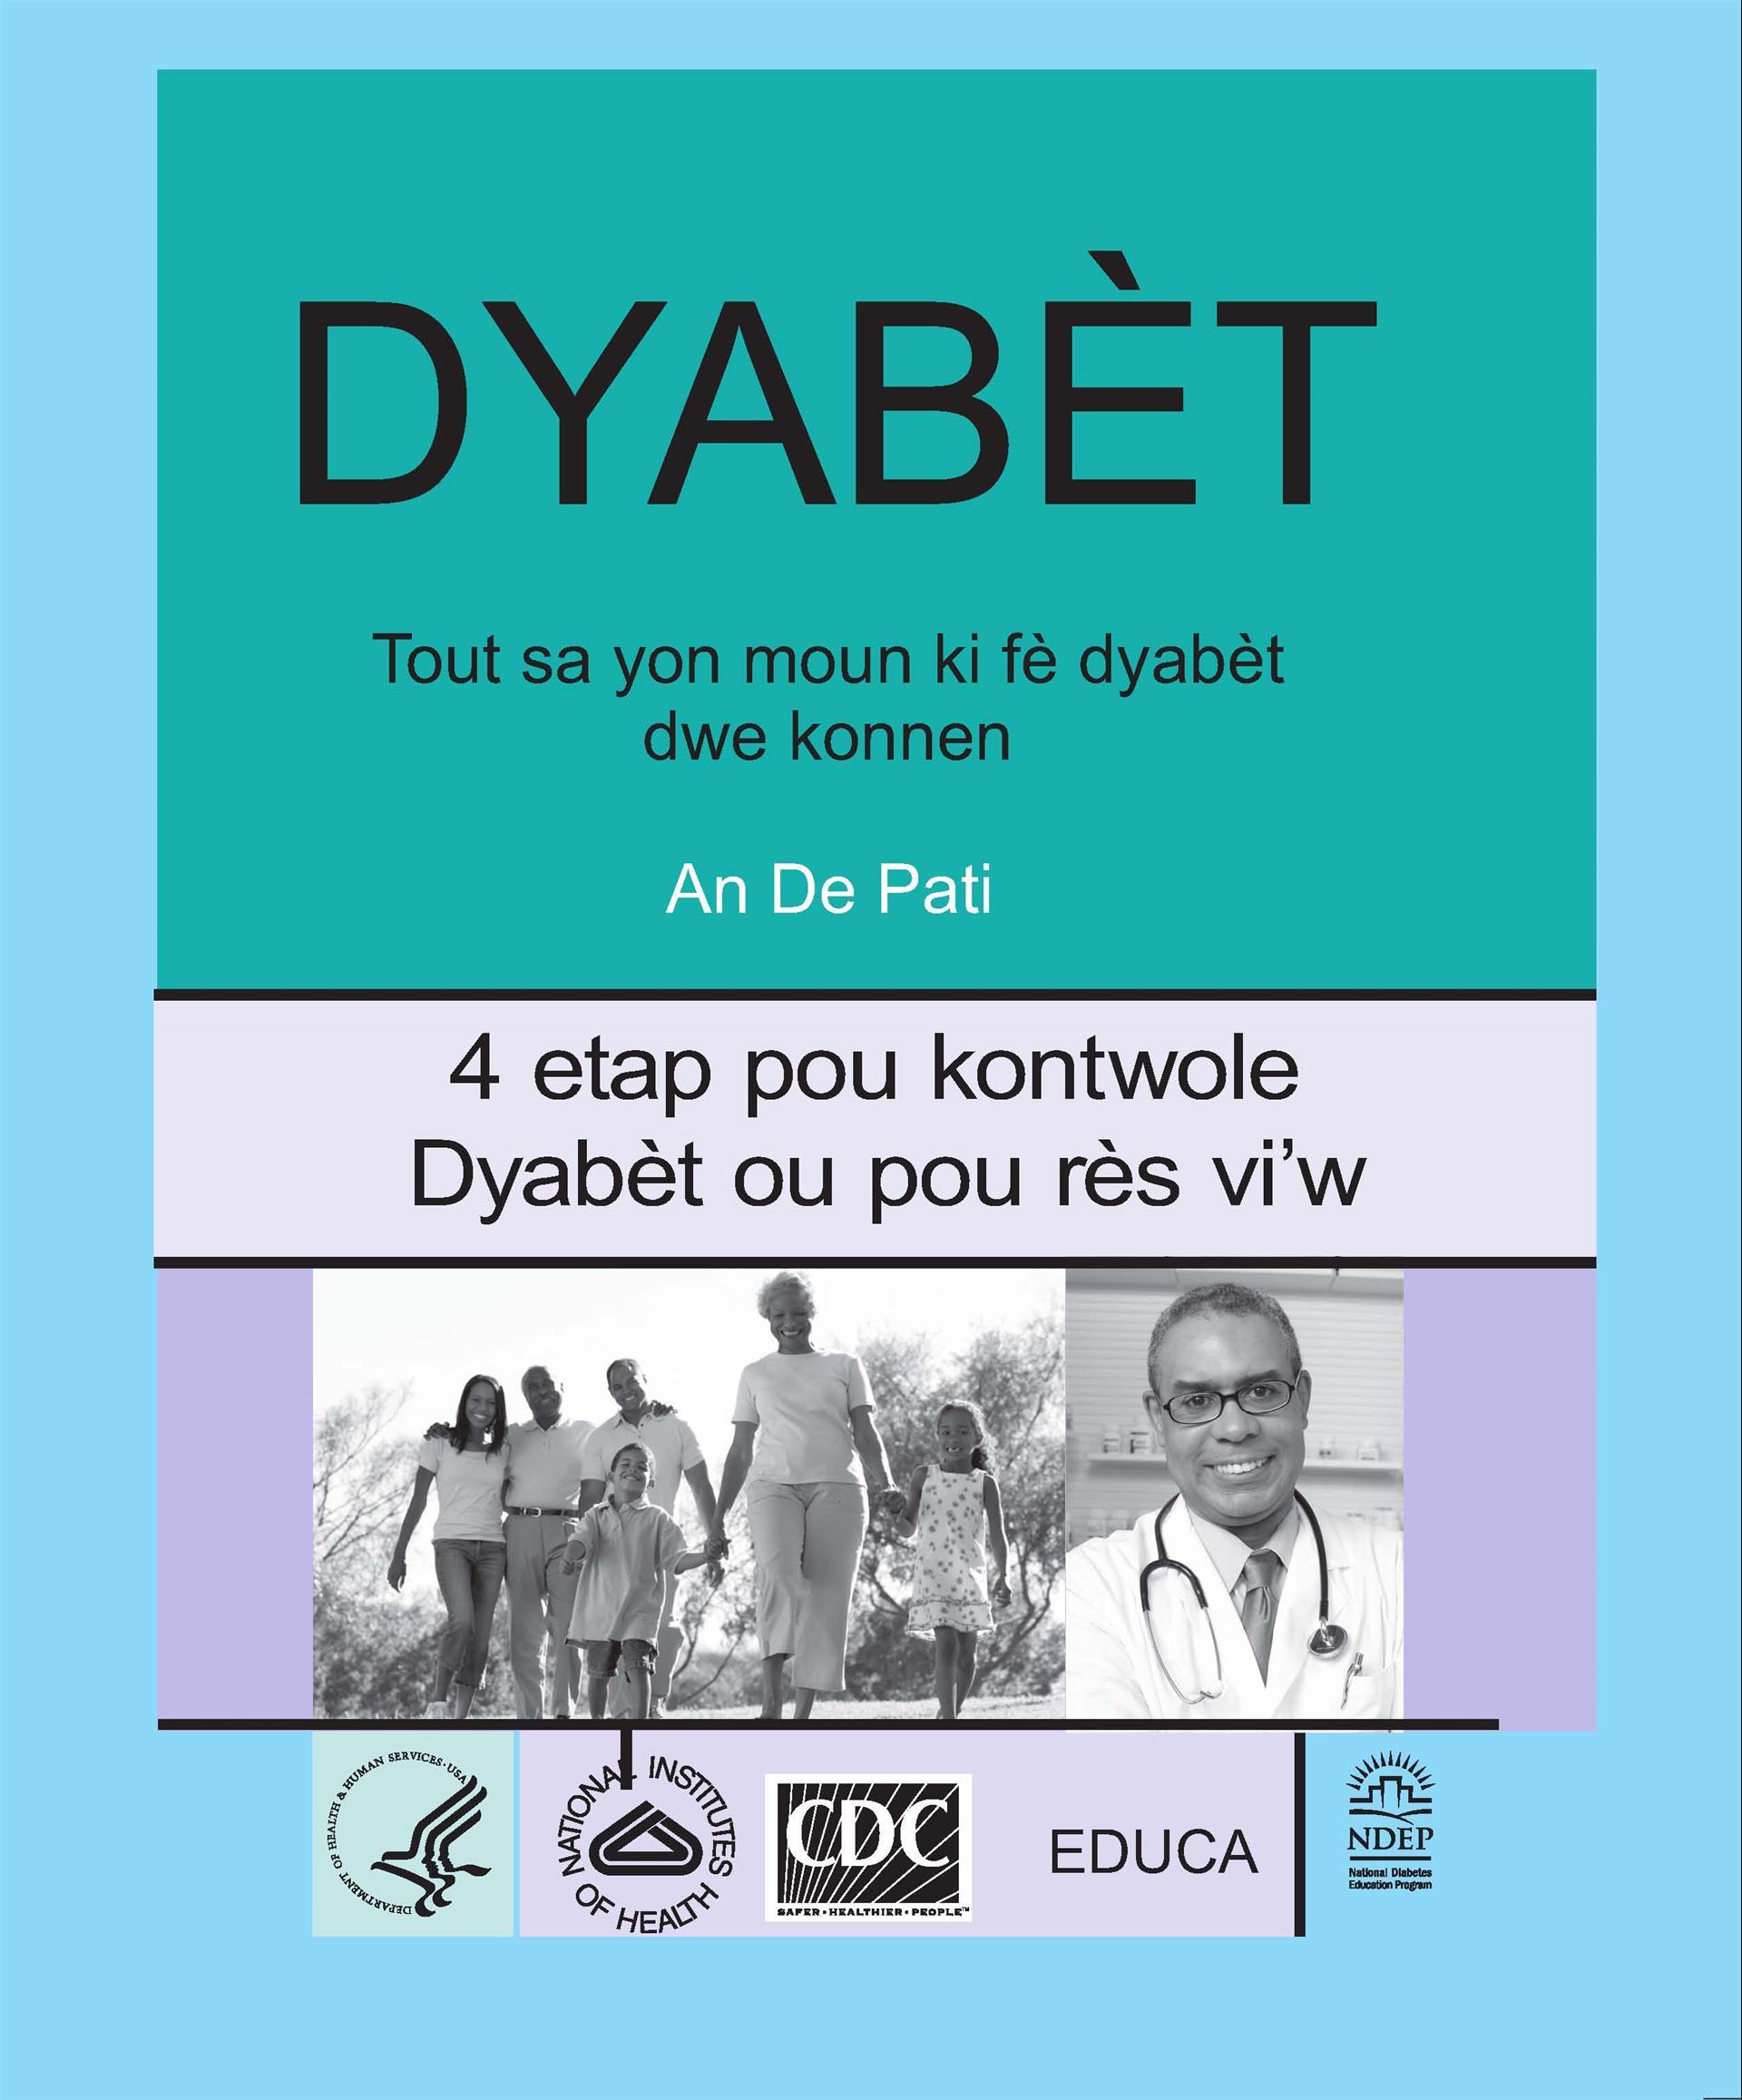 CD, Diabetes